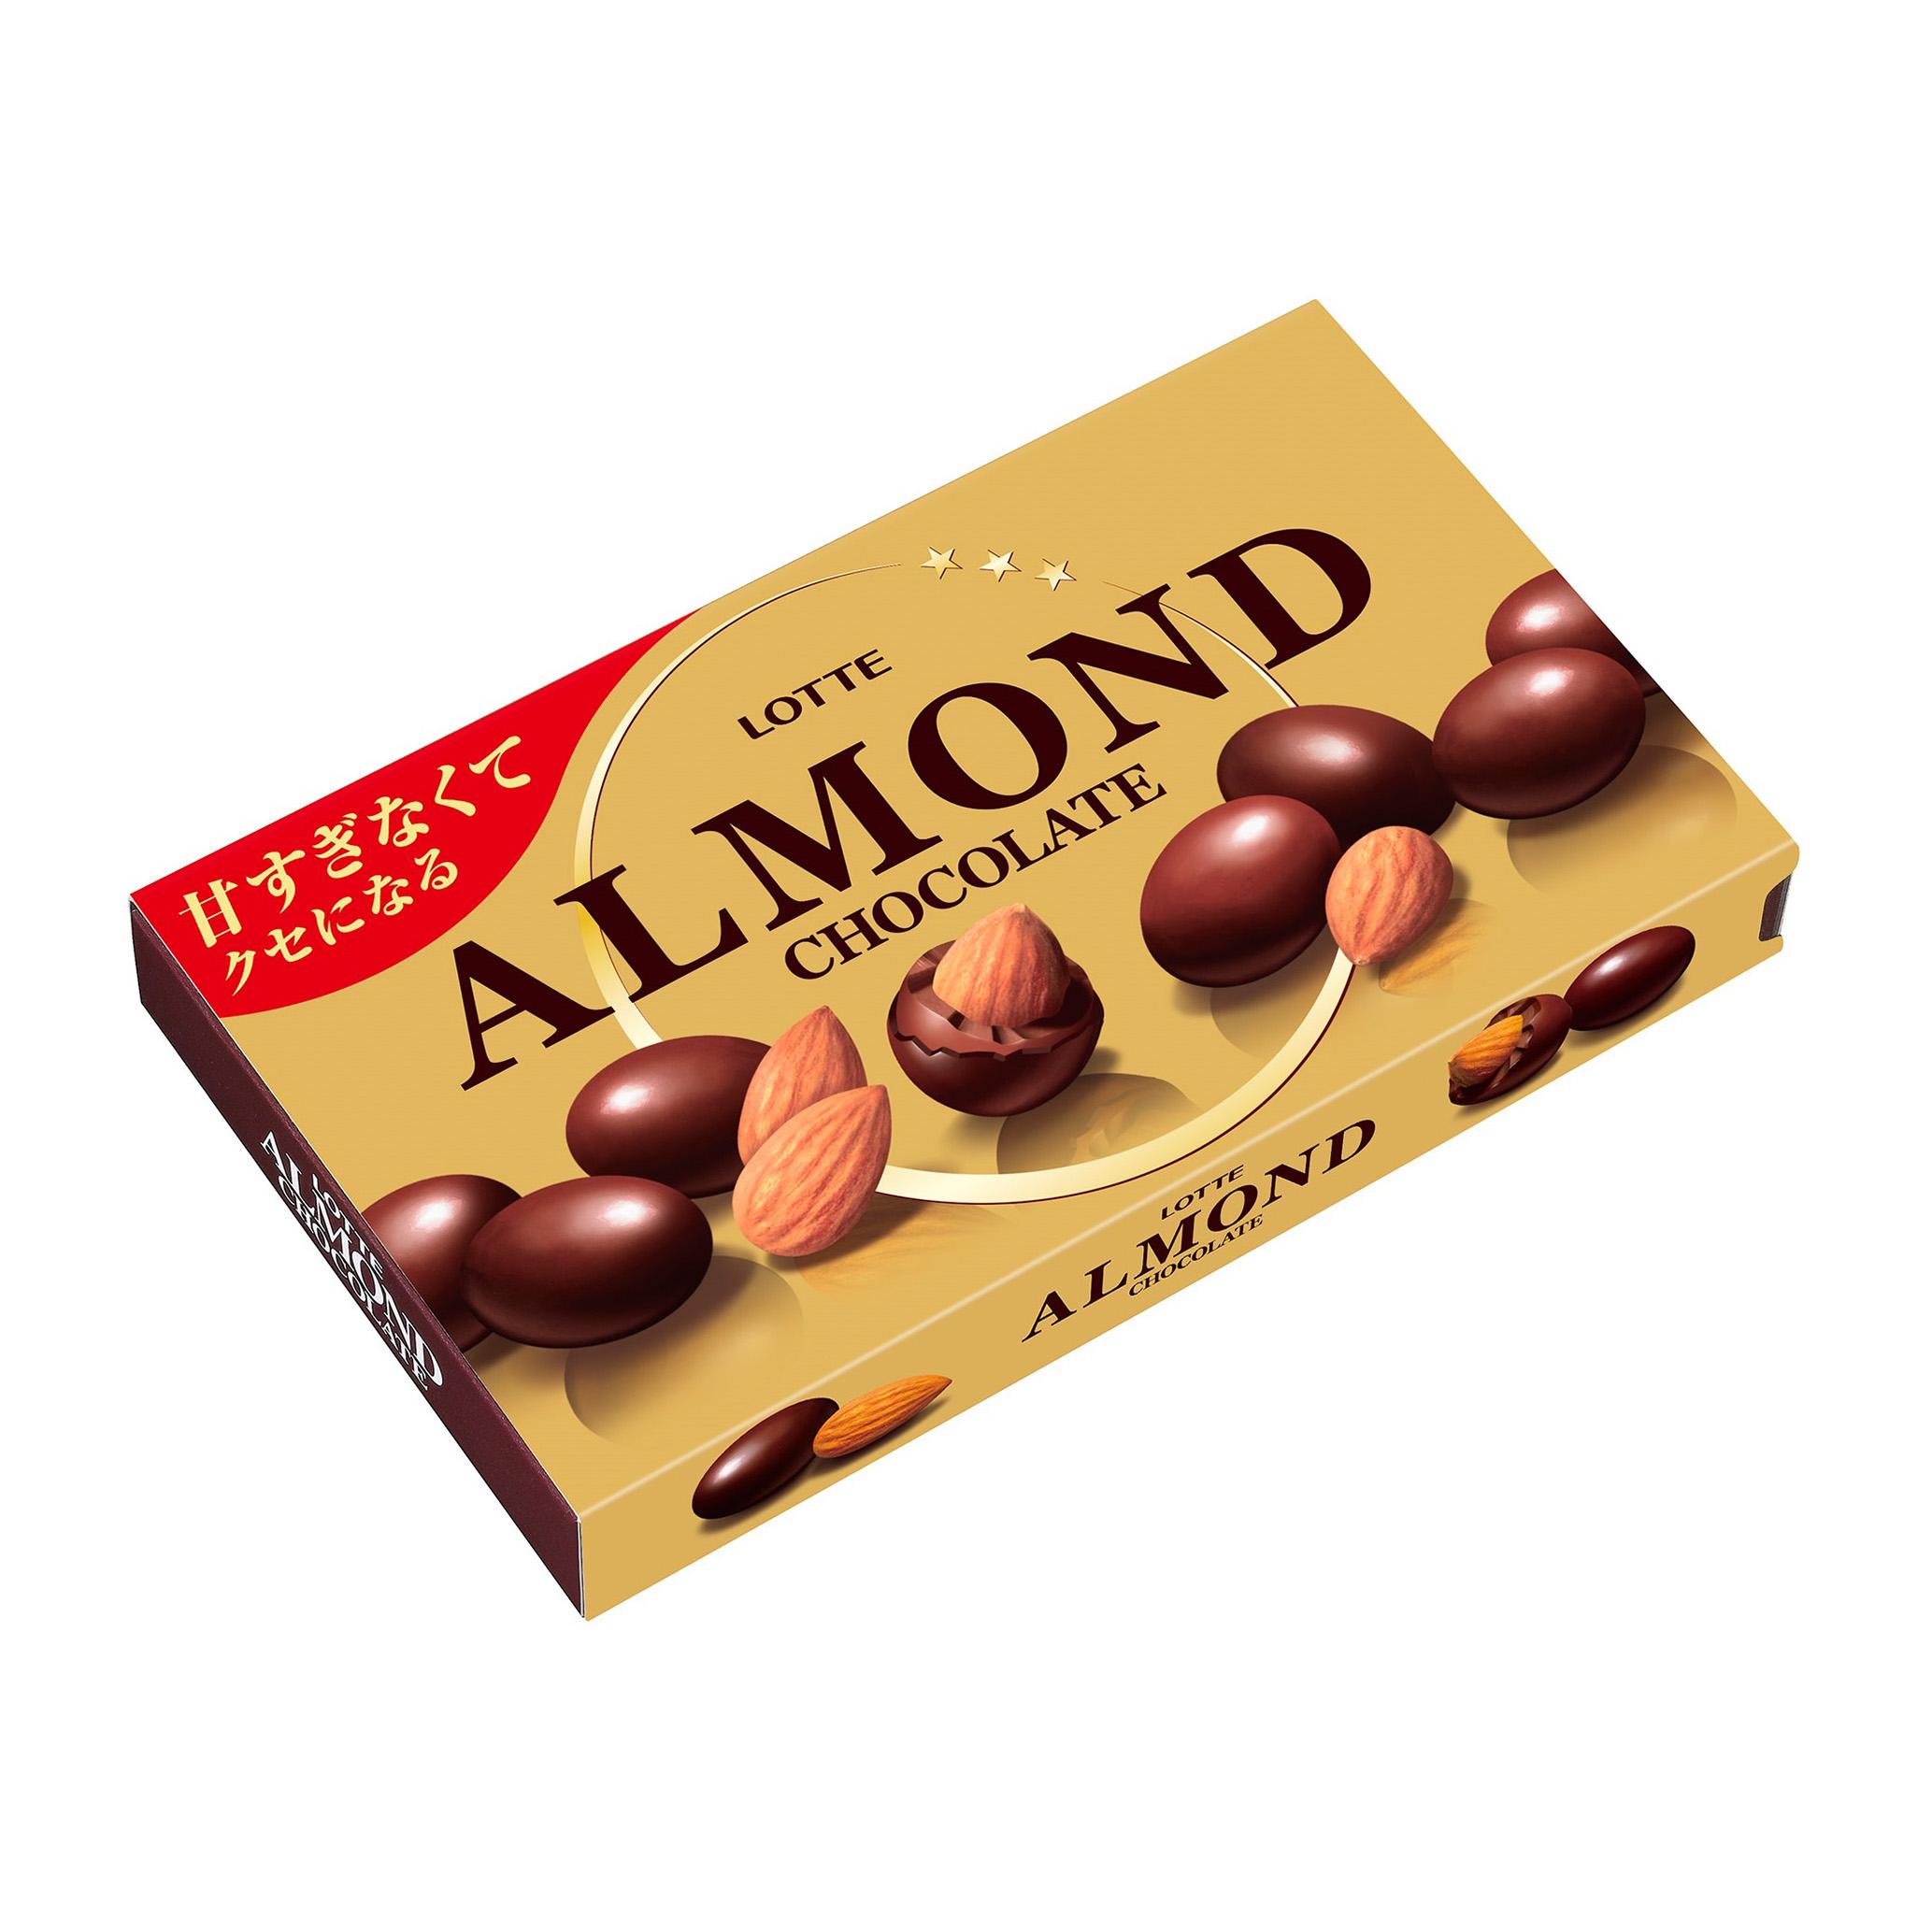 チョコ ロッテ